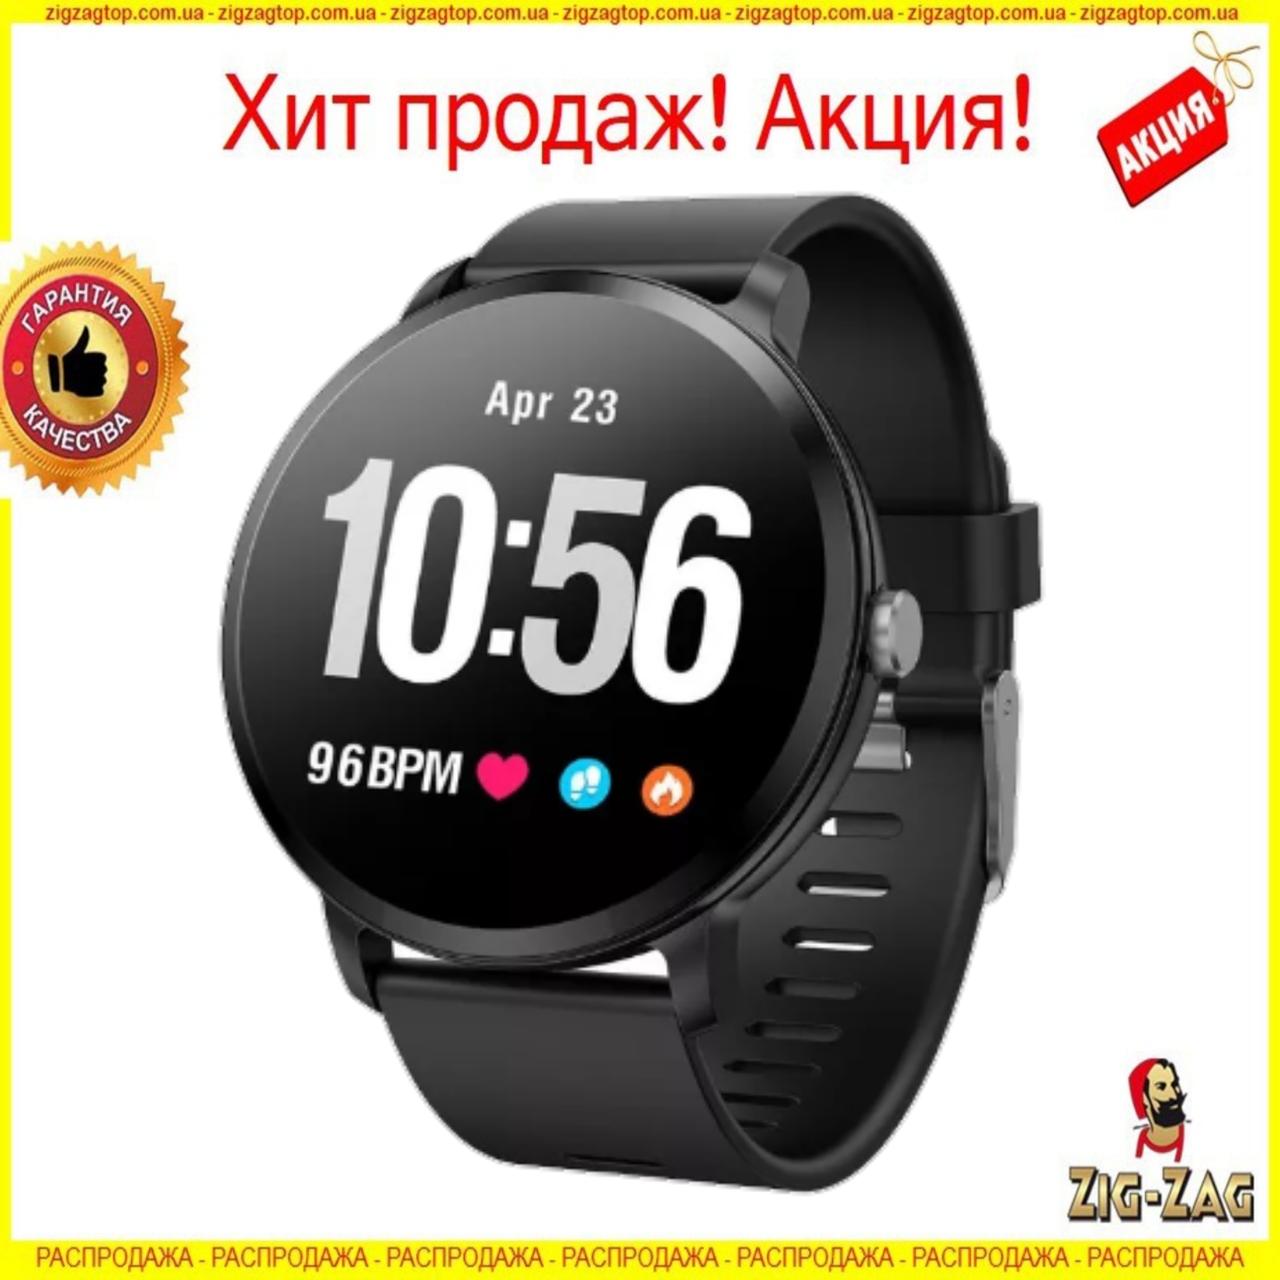 Smart Watch годинник V11, Фітнес годинник з IPS дисплеєм, тонометр, пульсометр, крокомір Чорні